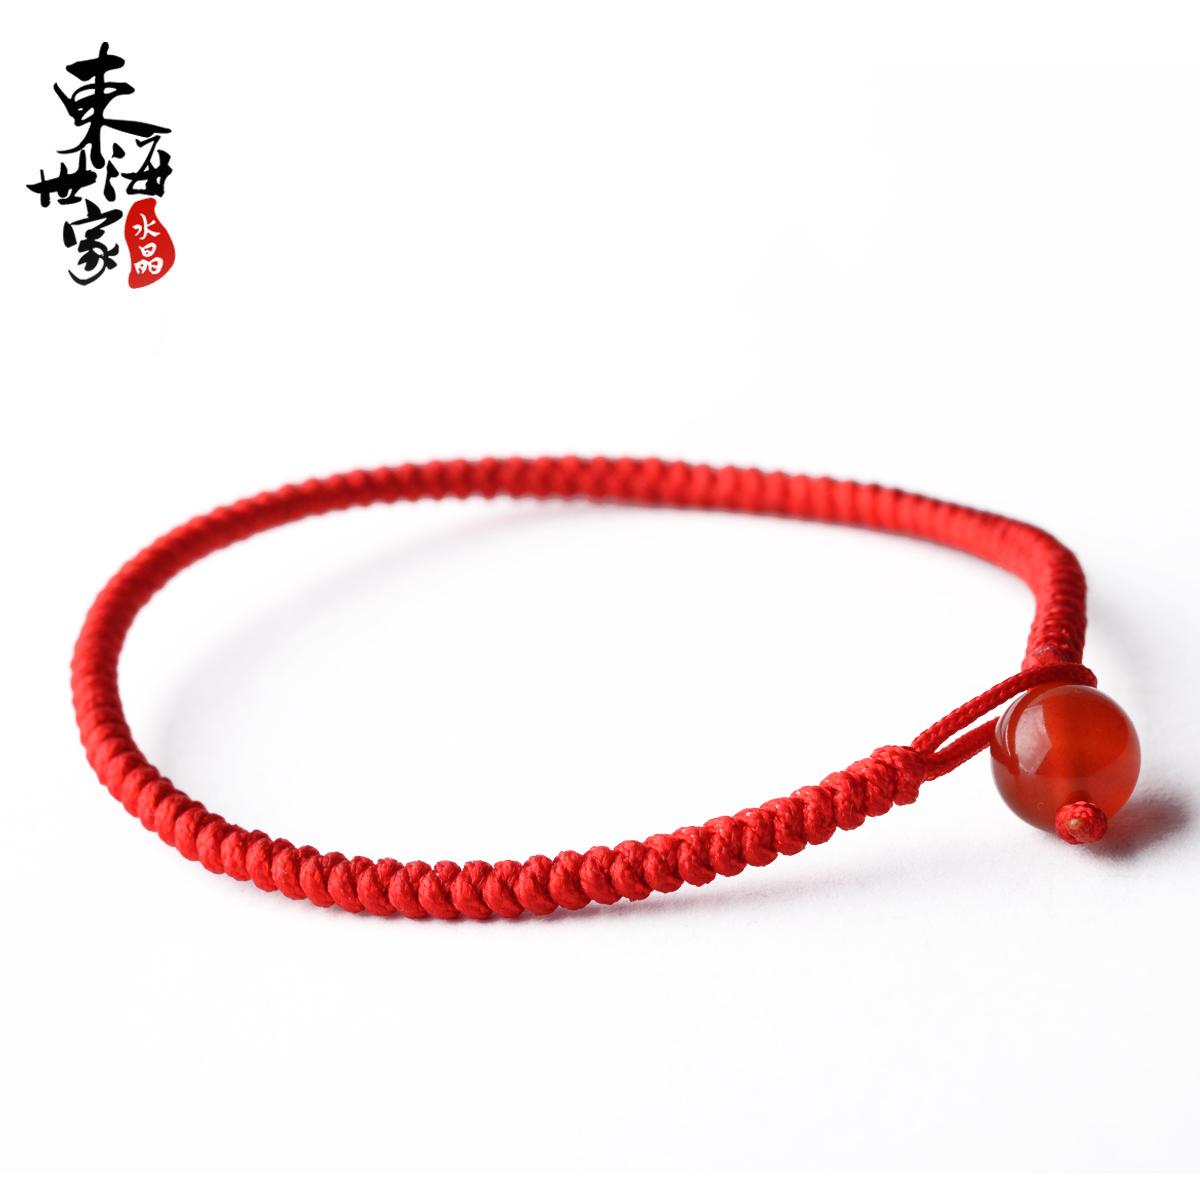 东海世家 七夕 情侣红绳 黑曜石红玛瑙手链 手绳金刚结 饰品女男 价格:5.90